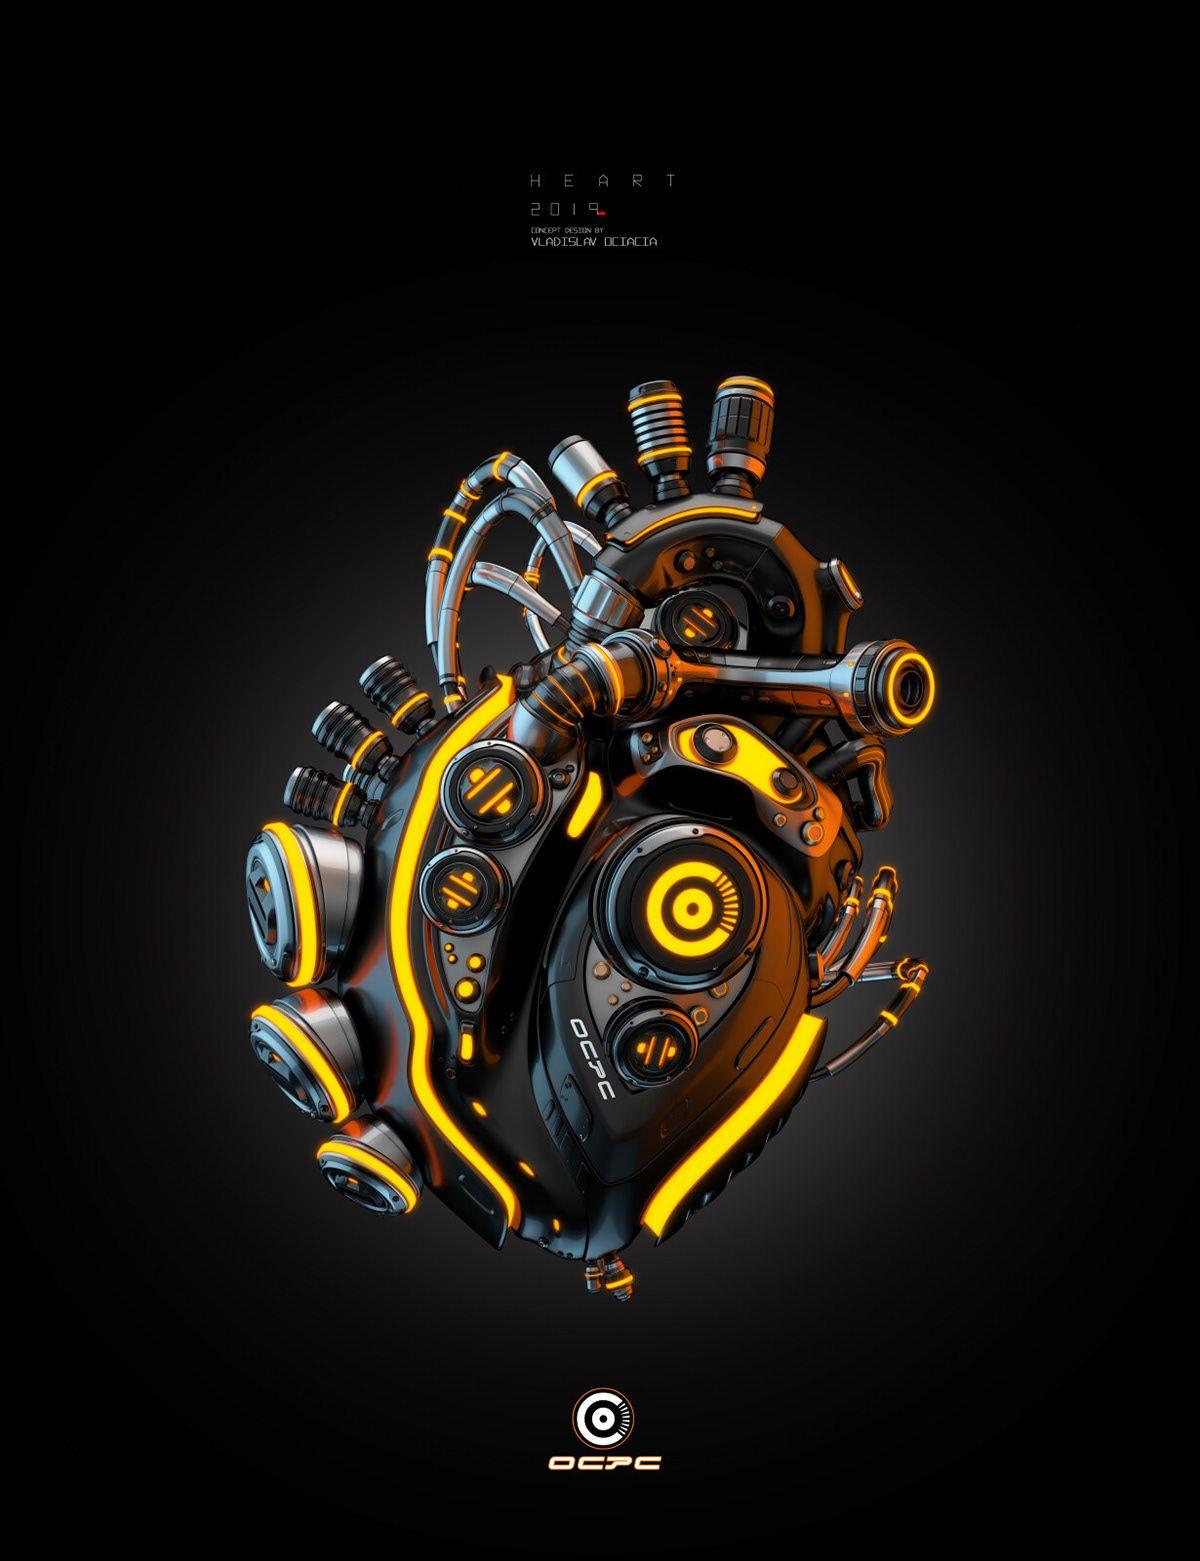 Robot heart OCPC on Behance Biomechanical tattoo design